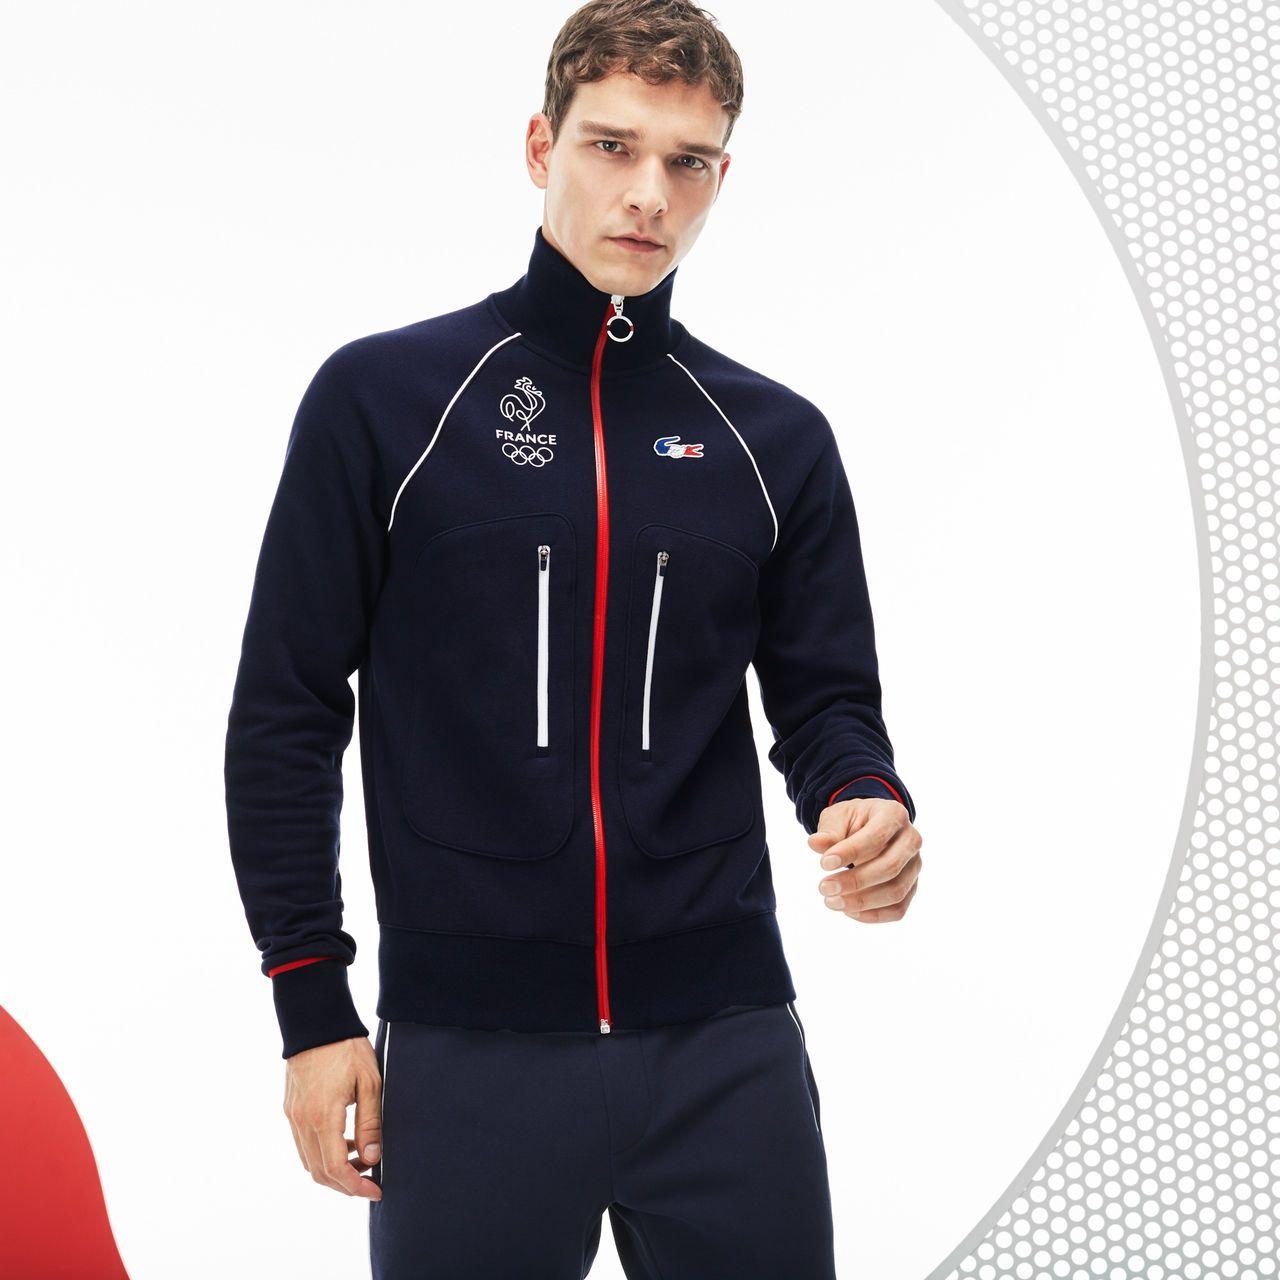 Sweatshirt Zippe Lacoste Sport En Molleton Collection France Olympique Lacoste Survetement Lacoste Lacoste Idees De Mode